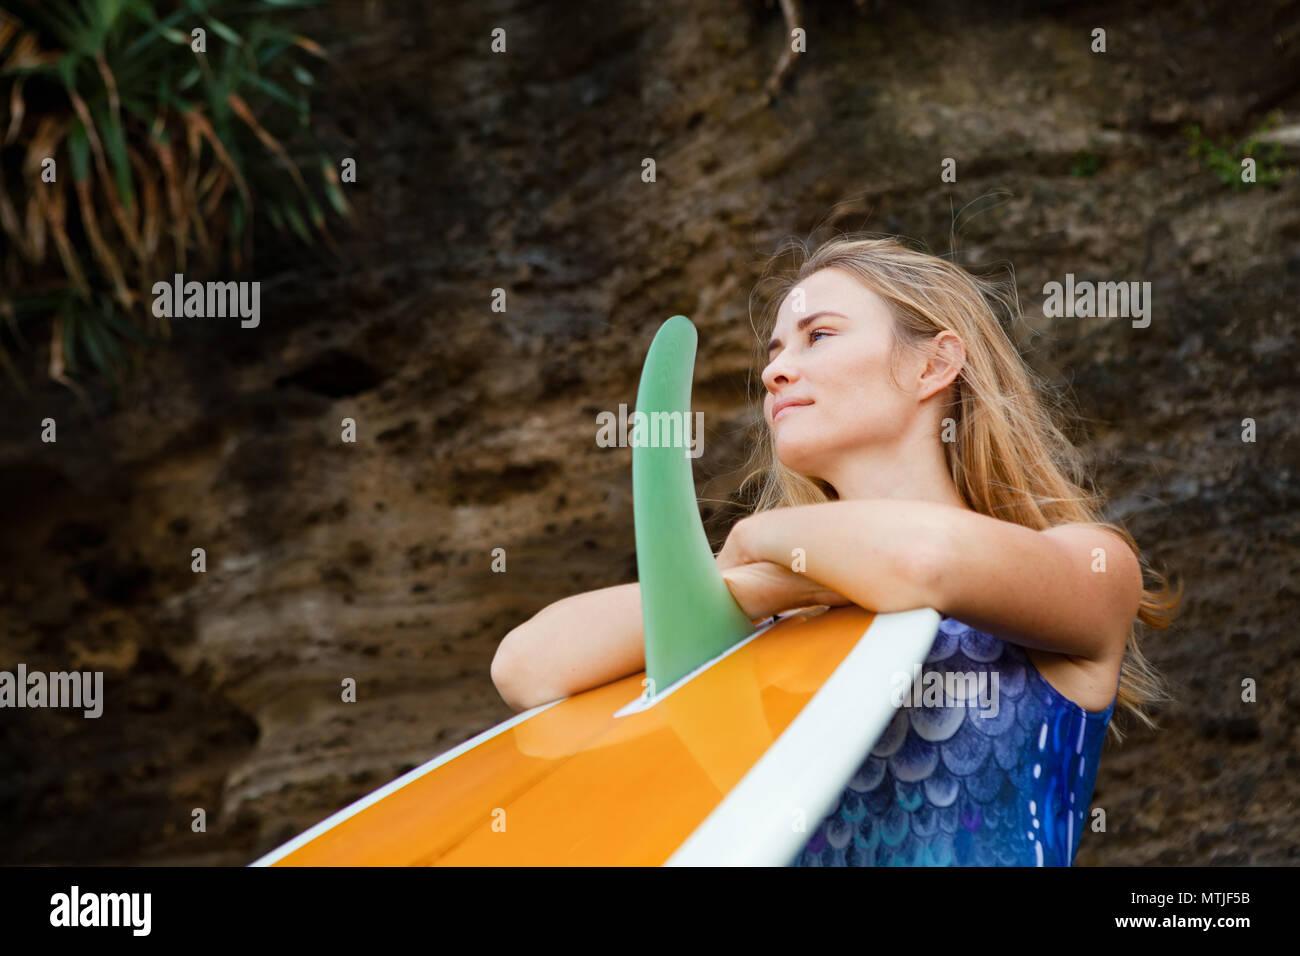 Sporty ragazza in bikini con la tavola da surf di stand by scogliera nera sulla spiaggia. Surfer guardano al mare surf e le onde che si infrangono. Le persone attive nello sport e avventura Immagini Stock